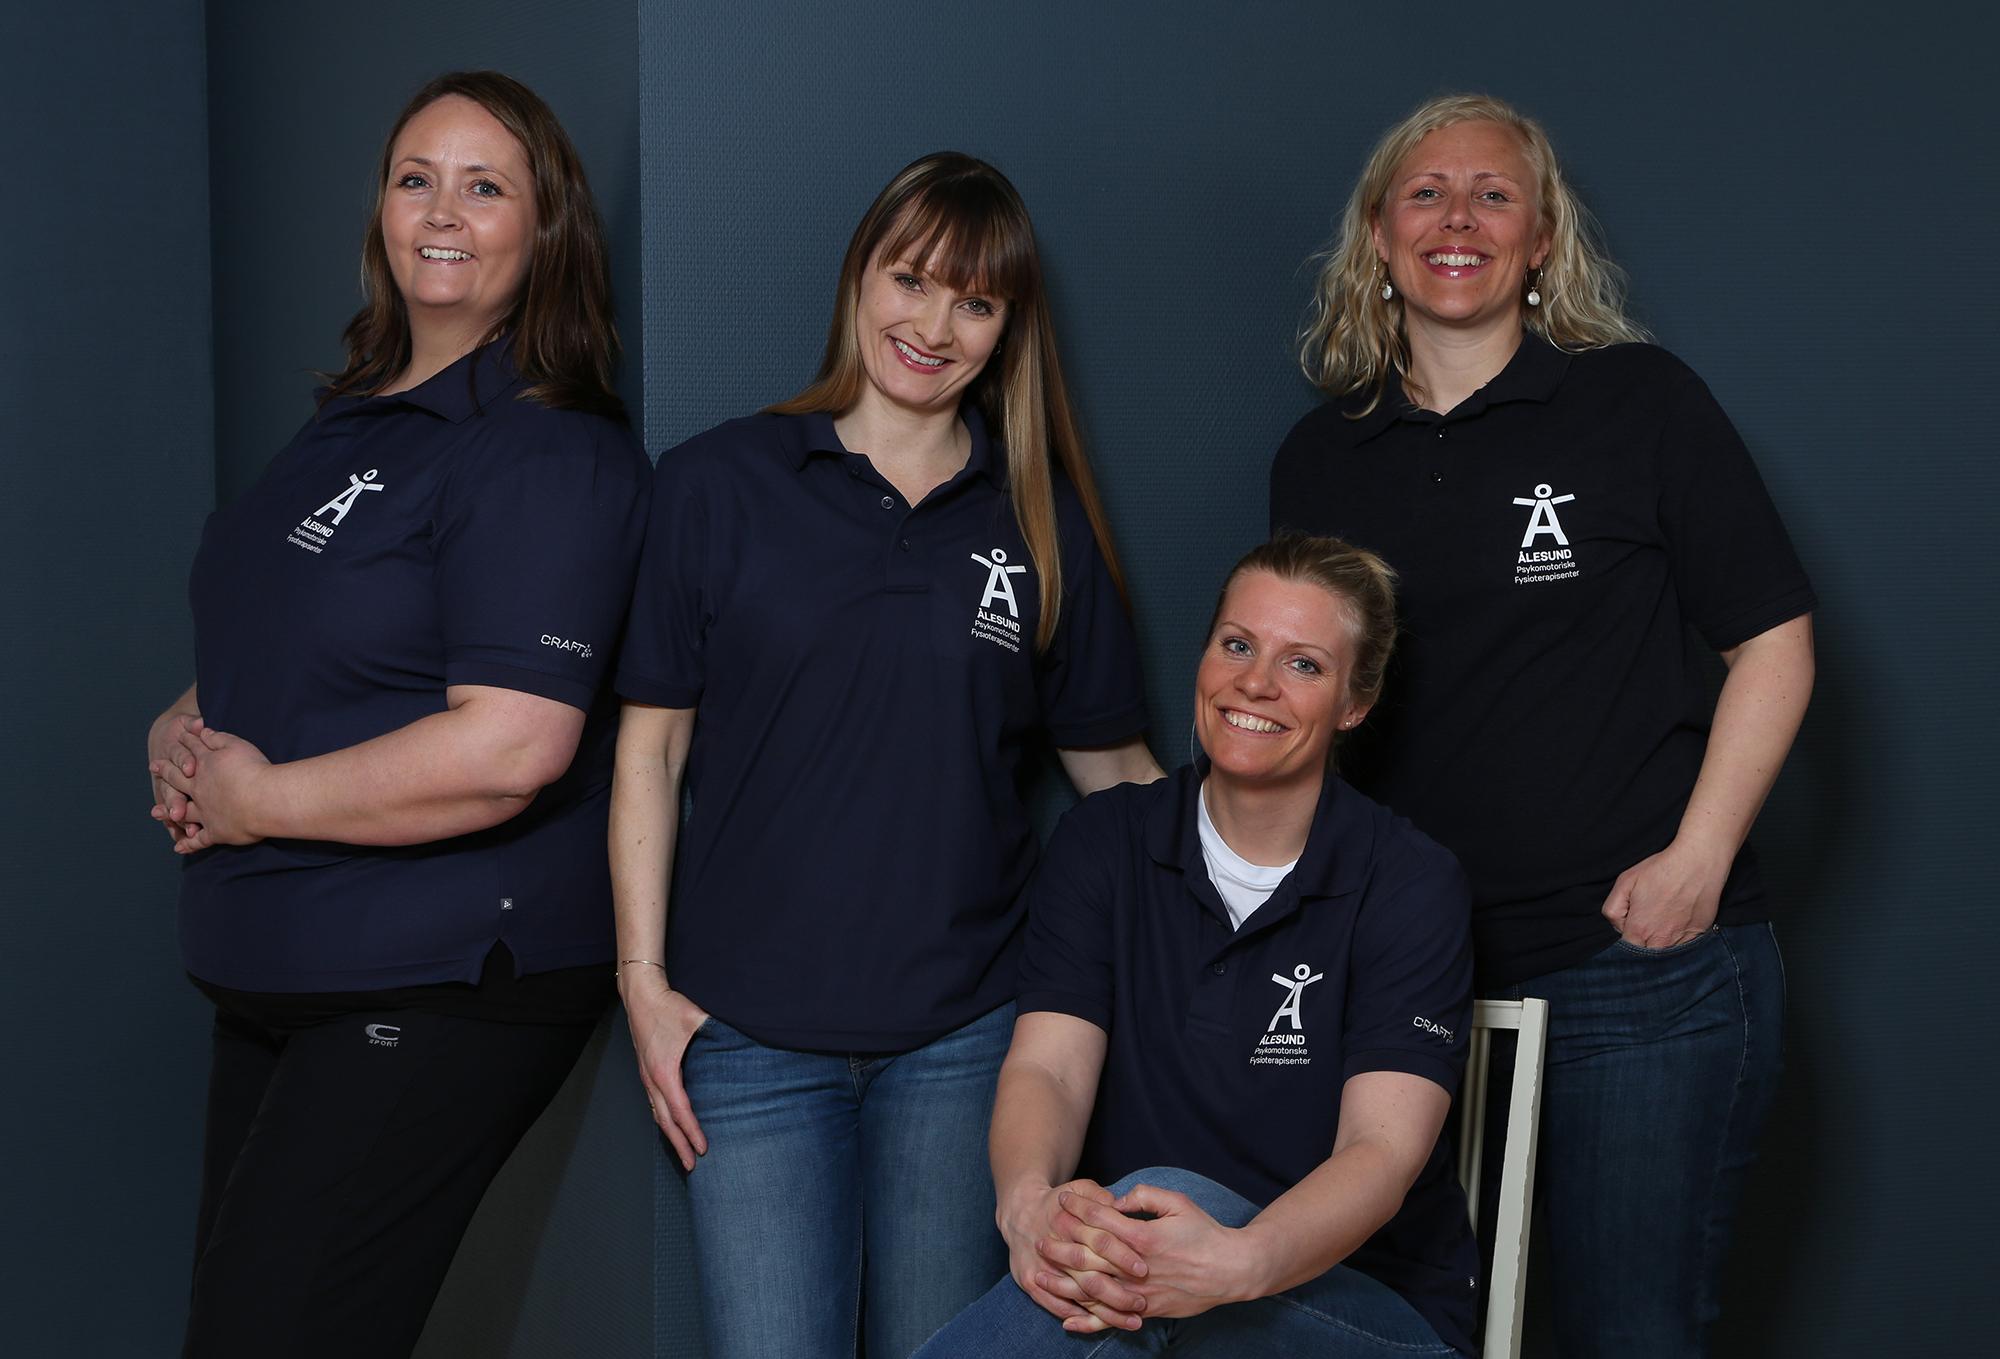 Hennes er vi!  Fra venstre: Aase Irene Remen Myklebust, Kjerstin Fet Vindenes, Stine Kvammen Bjørlykhaug og Ingrid Amalie Hagen.